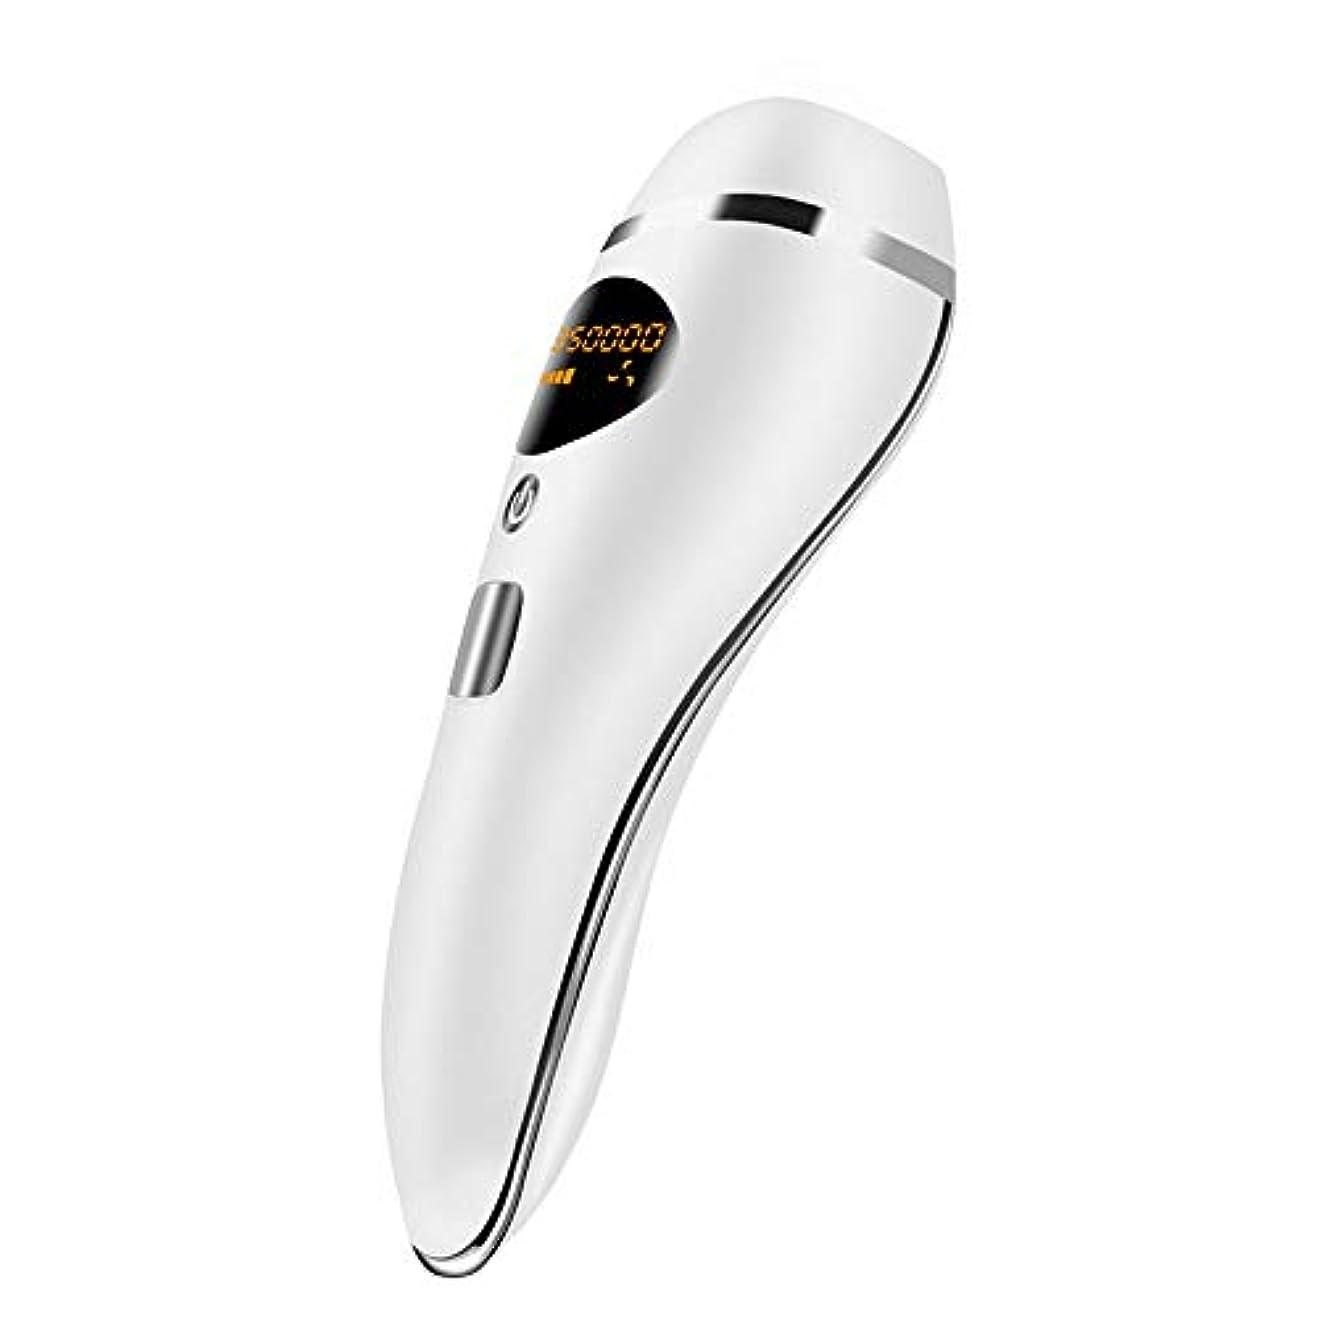 汚染された縞模様の規範Iku夫 自動全身無痛脱毛剤、ホワイト、ポータブルパーマネントヘアリムーバー、デュアルモード、5速調整、サイズ20.5x7cm